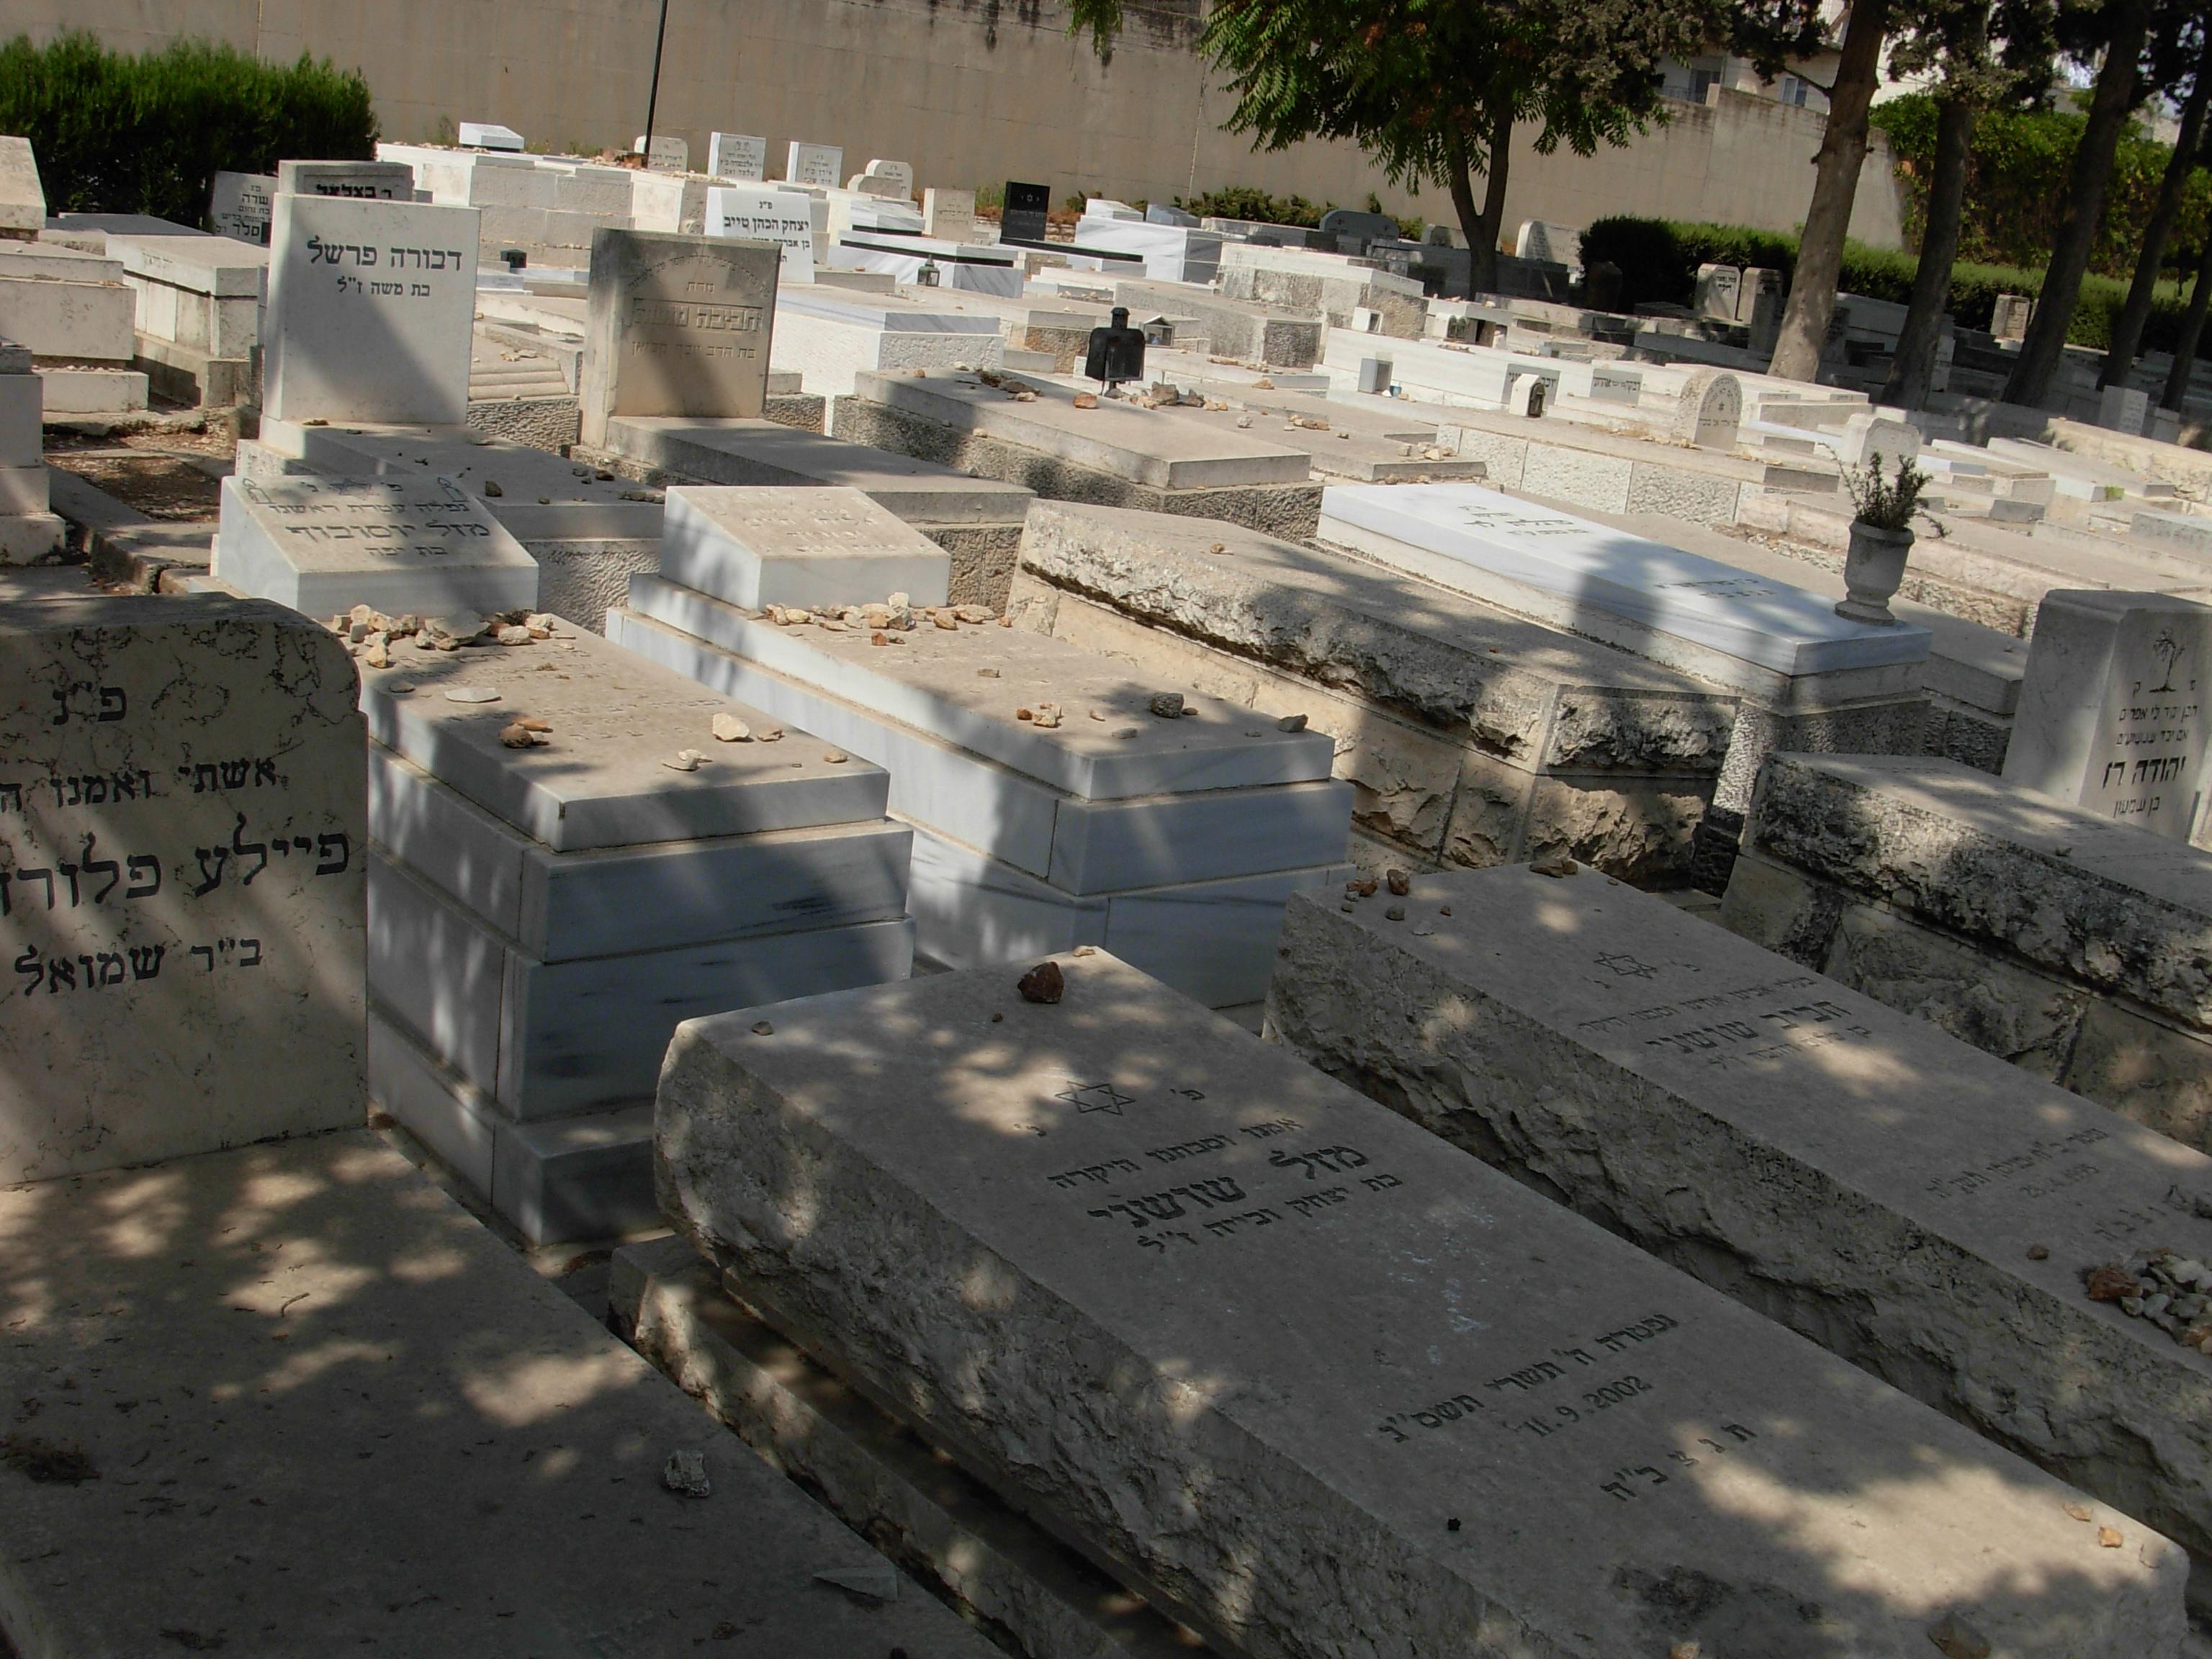 בית הקברות סנהדריה